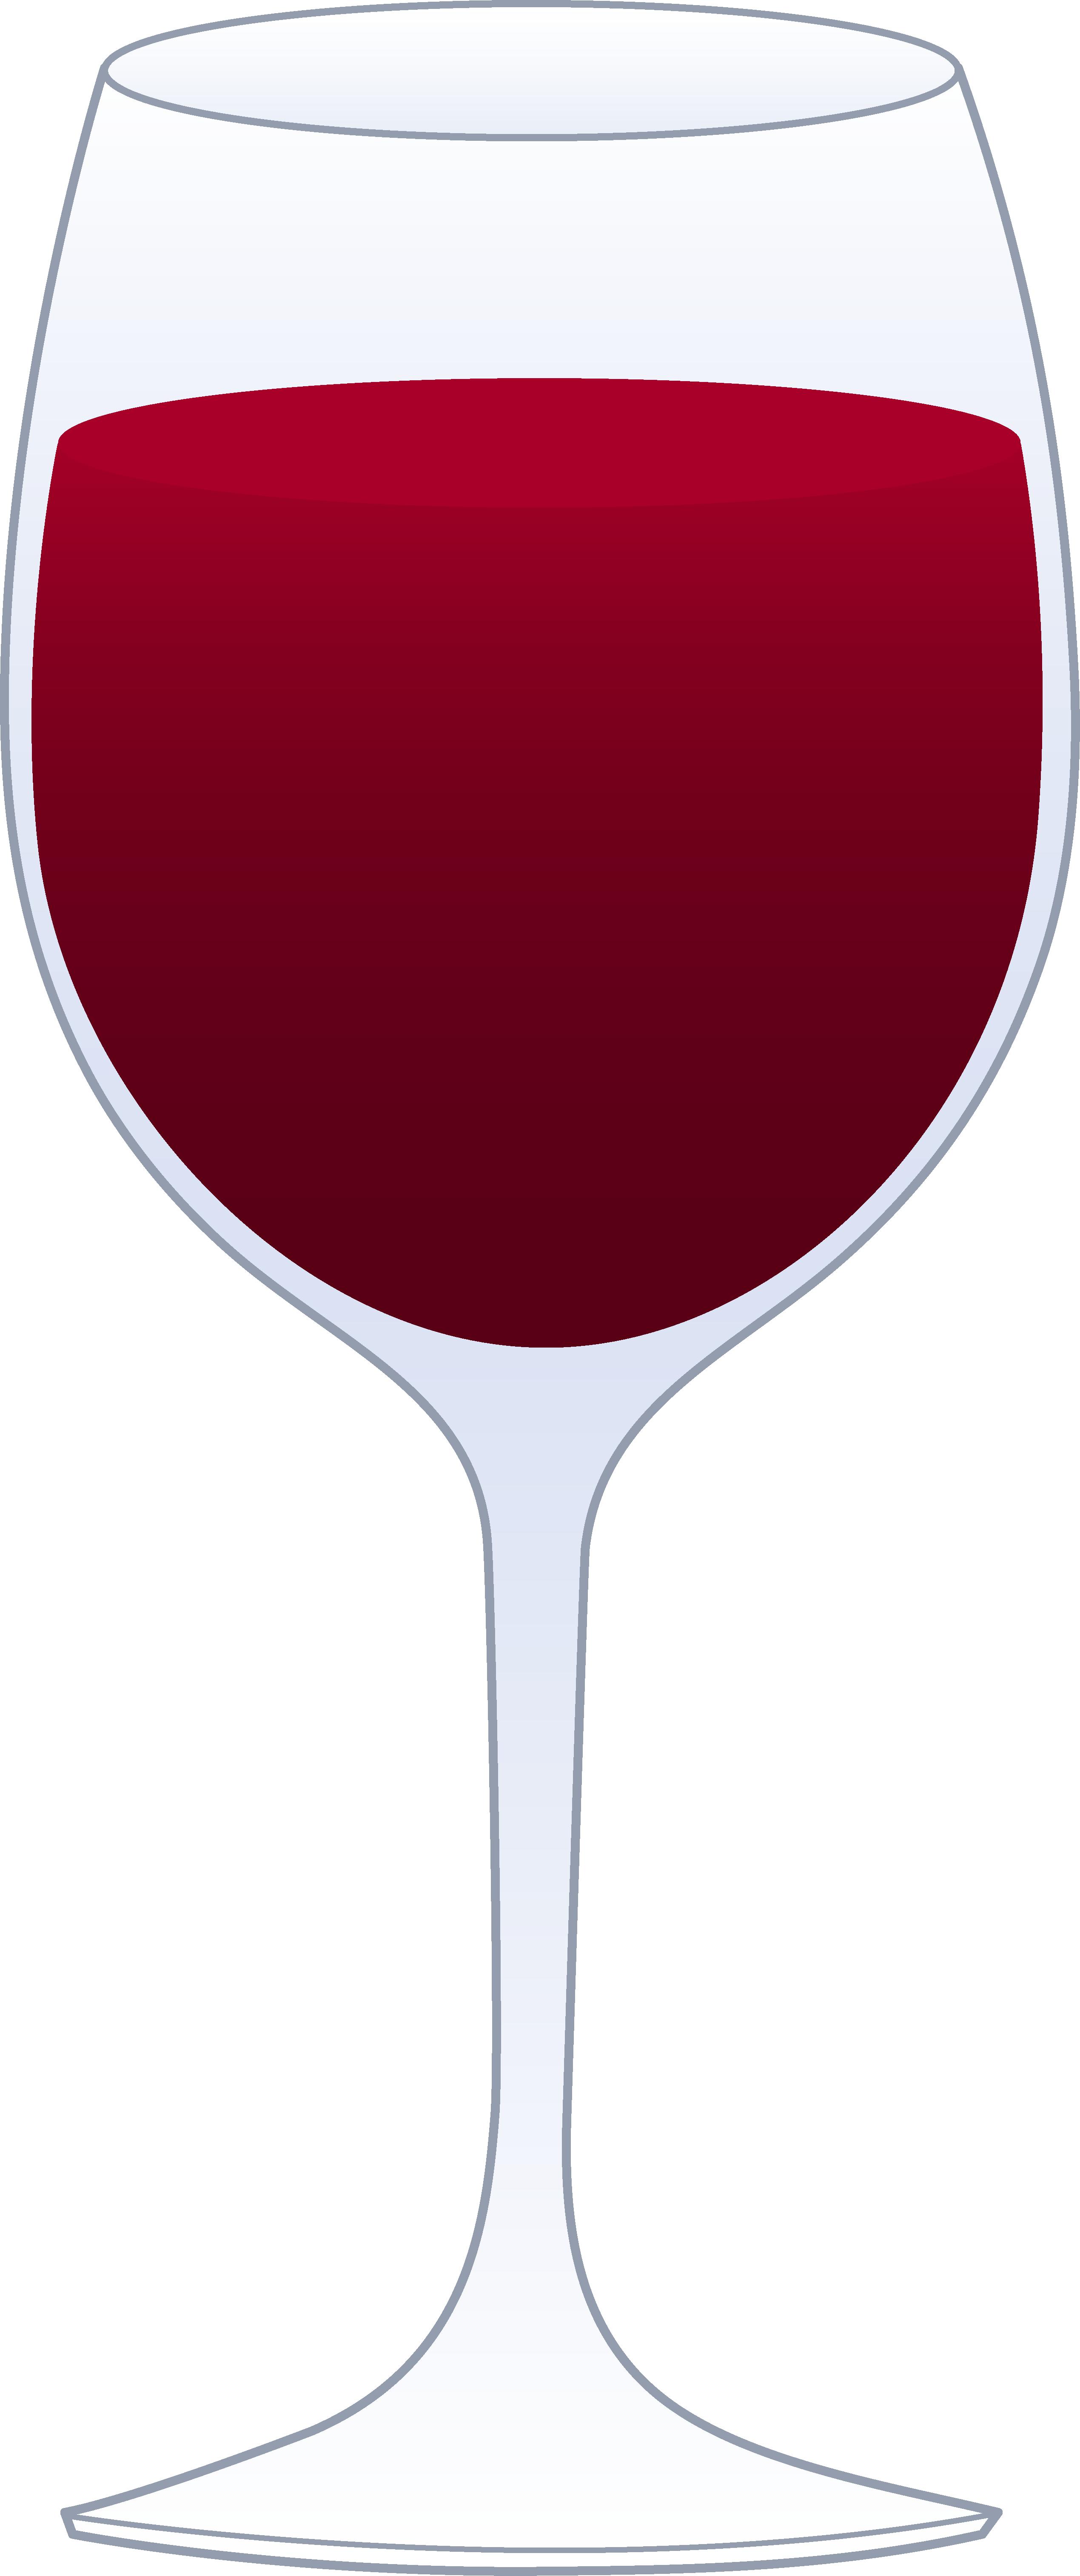 Music wine